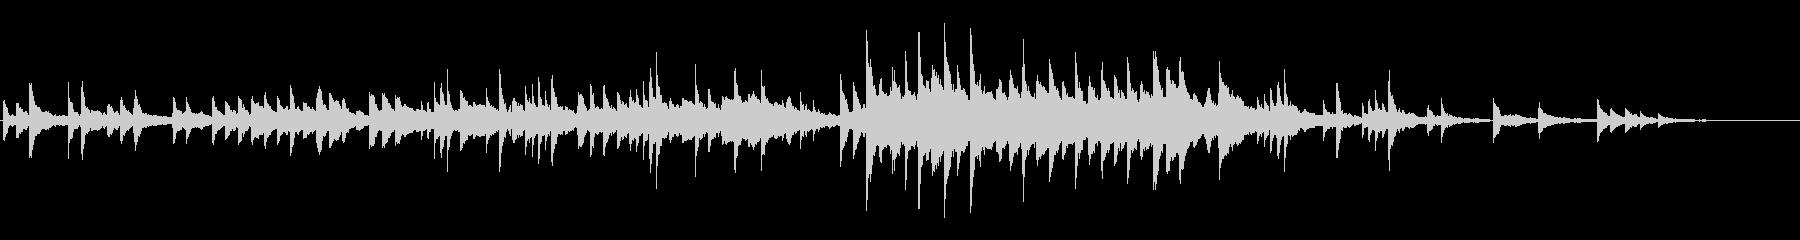 ゆったりとシンプルで切ない和風ピアノソロの未再生の波形